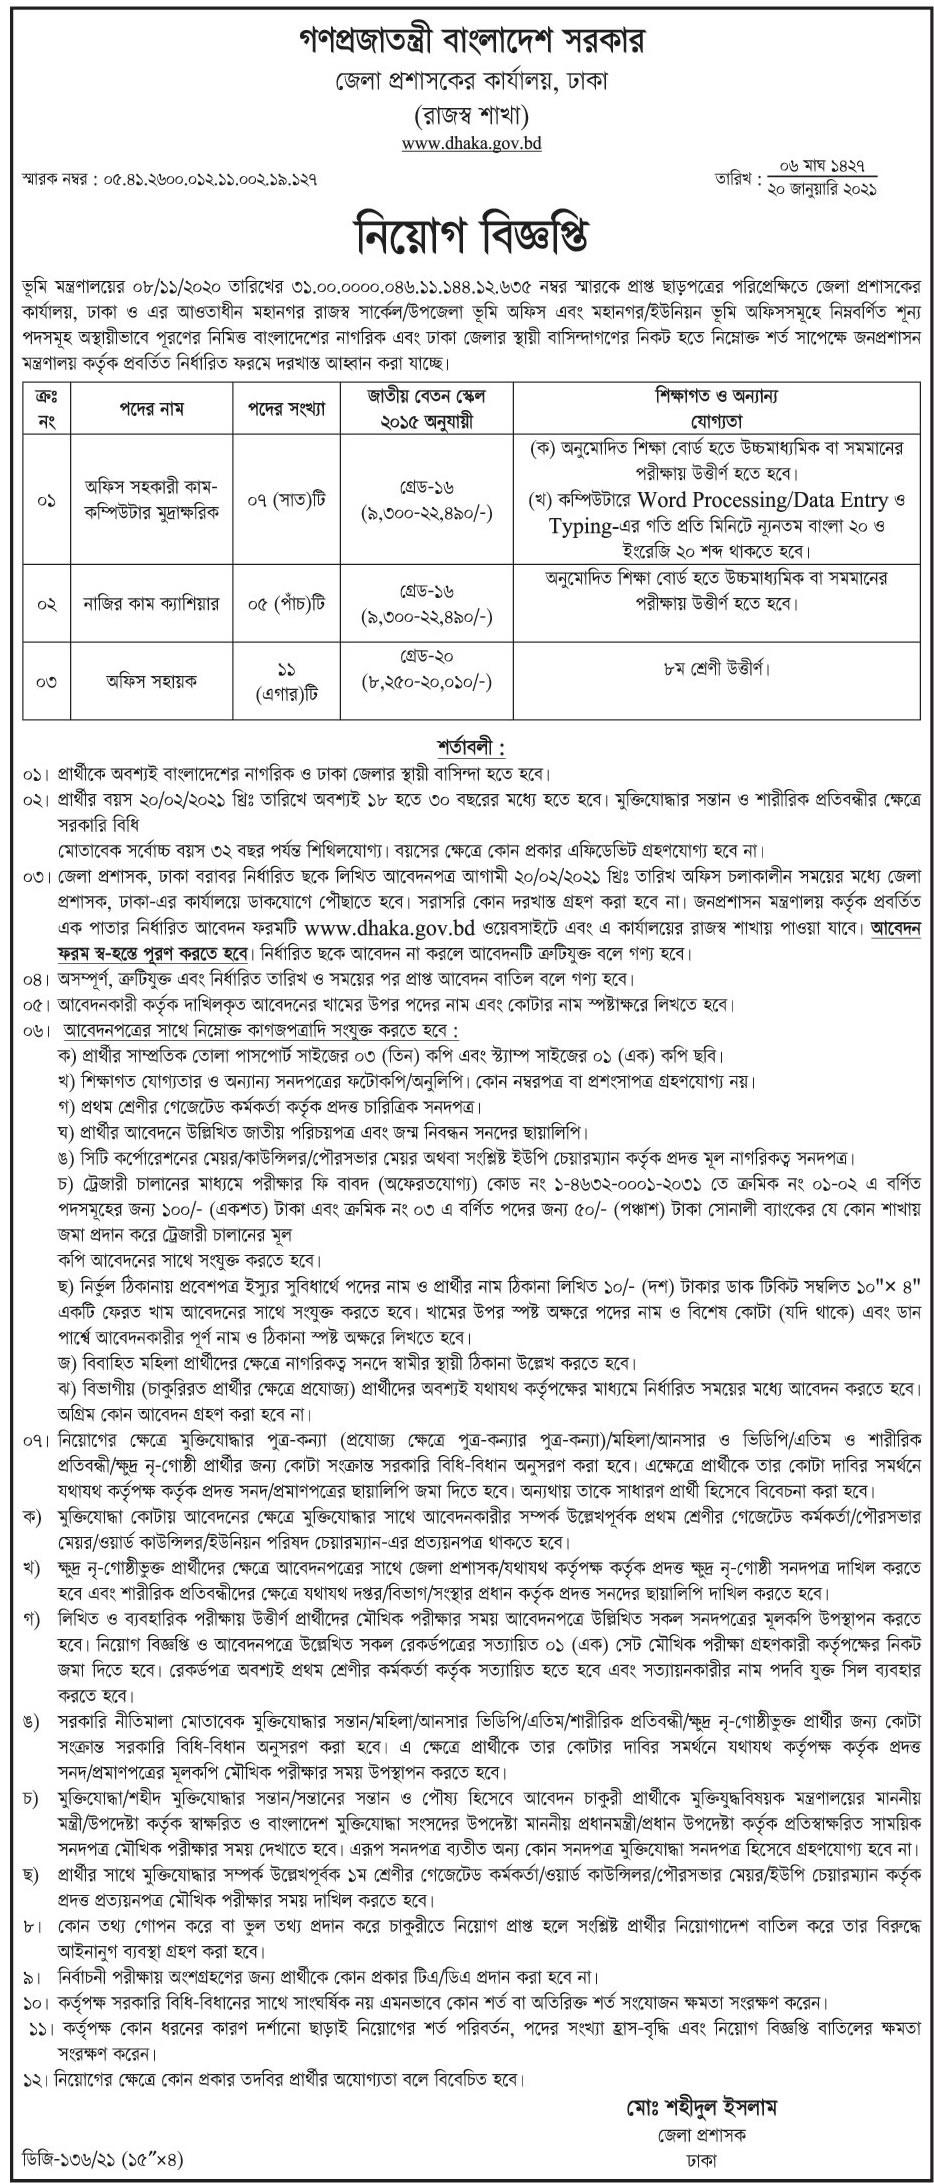 ঢাকা জেলা প্রশাসকের কার্যালয়ে নিয়োগ বিজ্ঞপ্তি ২০২১ - Dhaka dc office job circular 2021